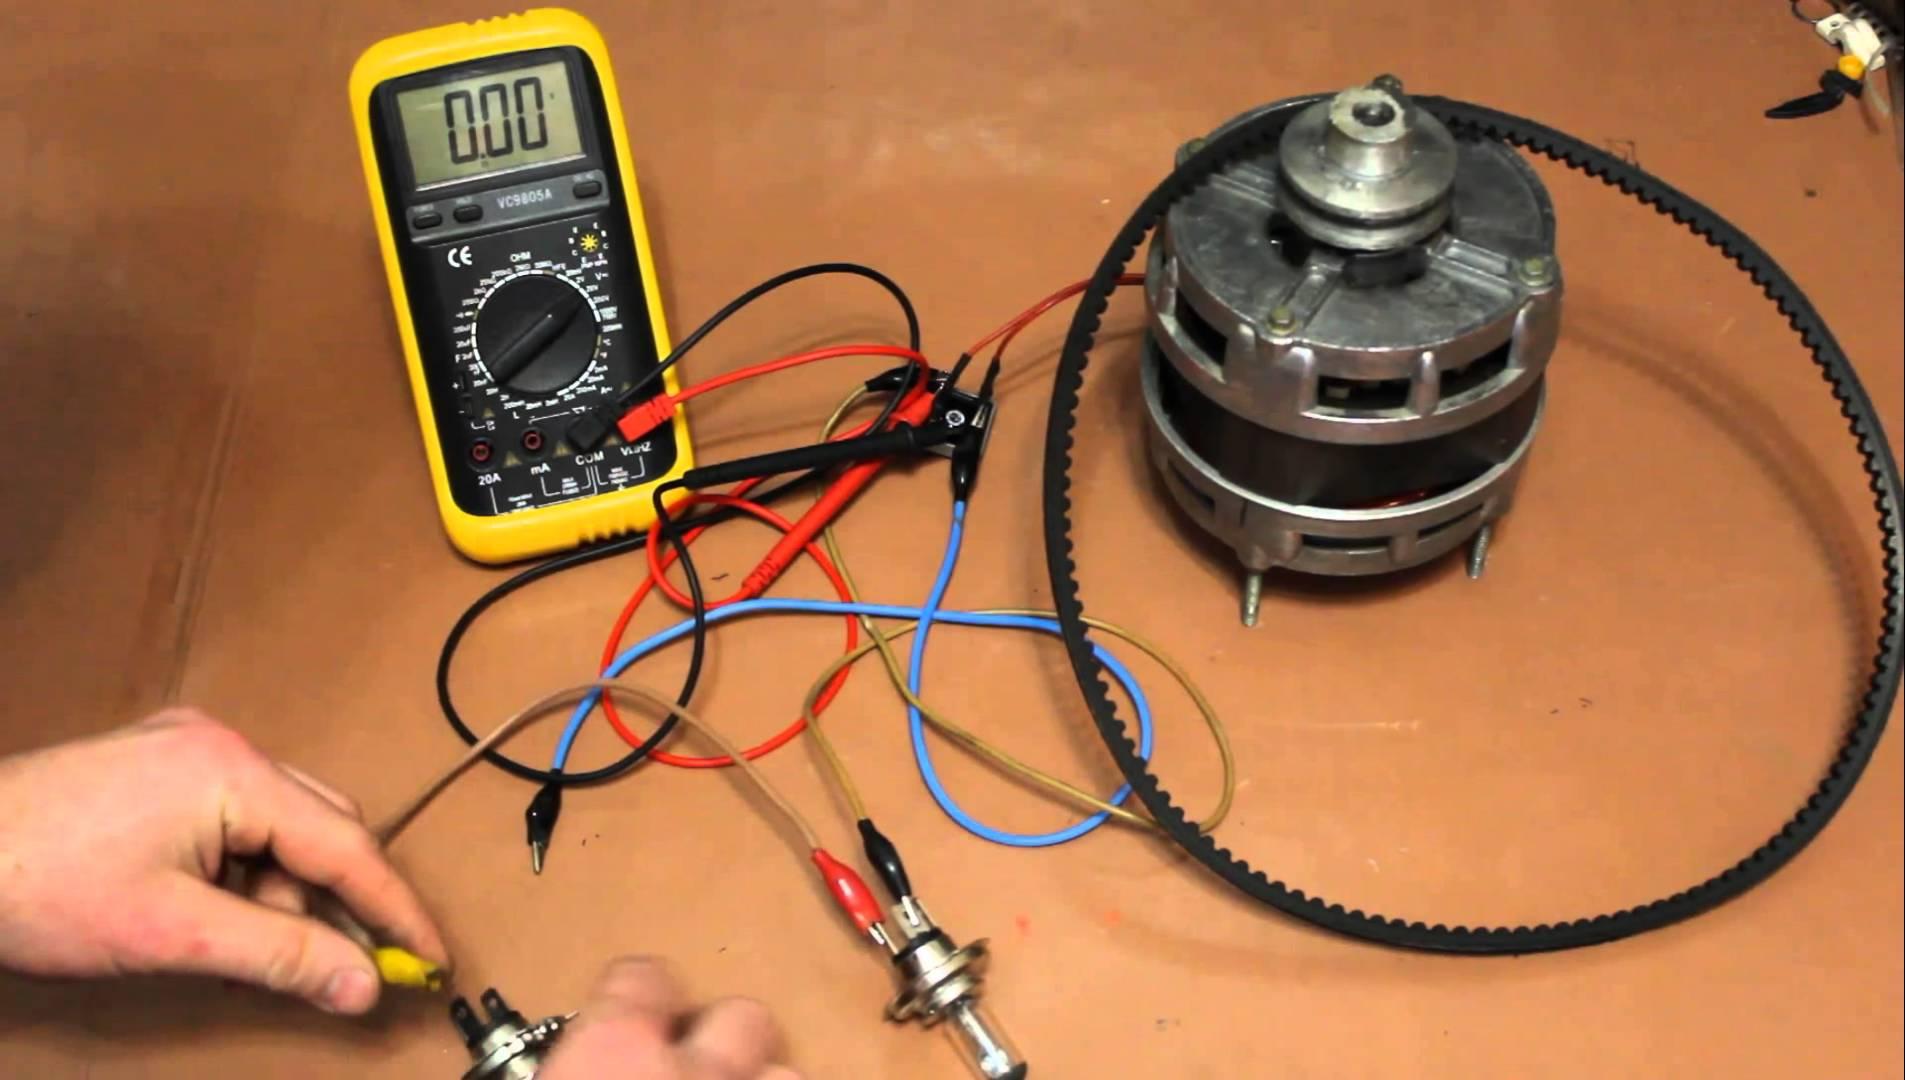 Как сделать электрогенератор — подробное описание как собрать своими руками генератор в домашних условиях (135 фото)